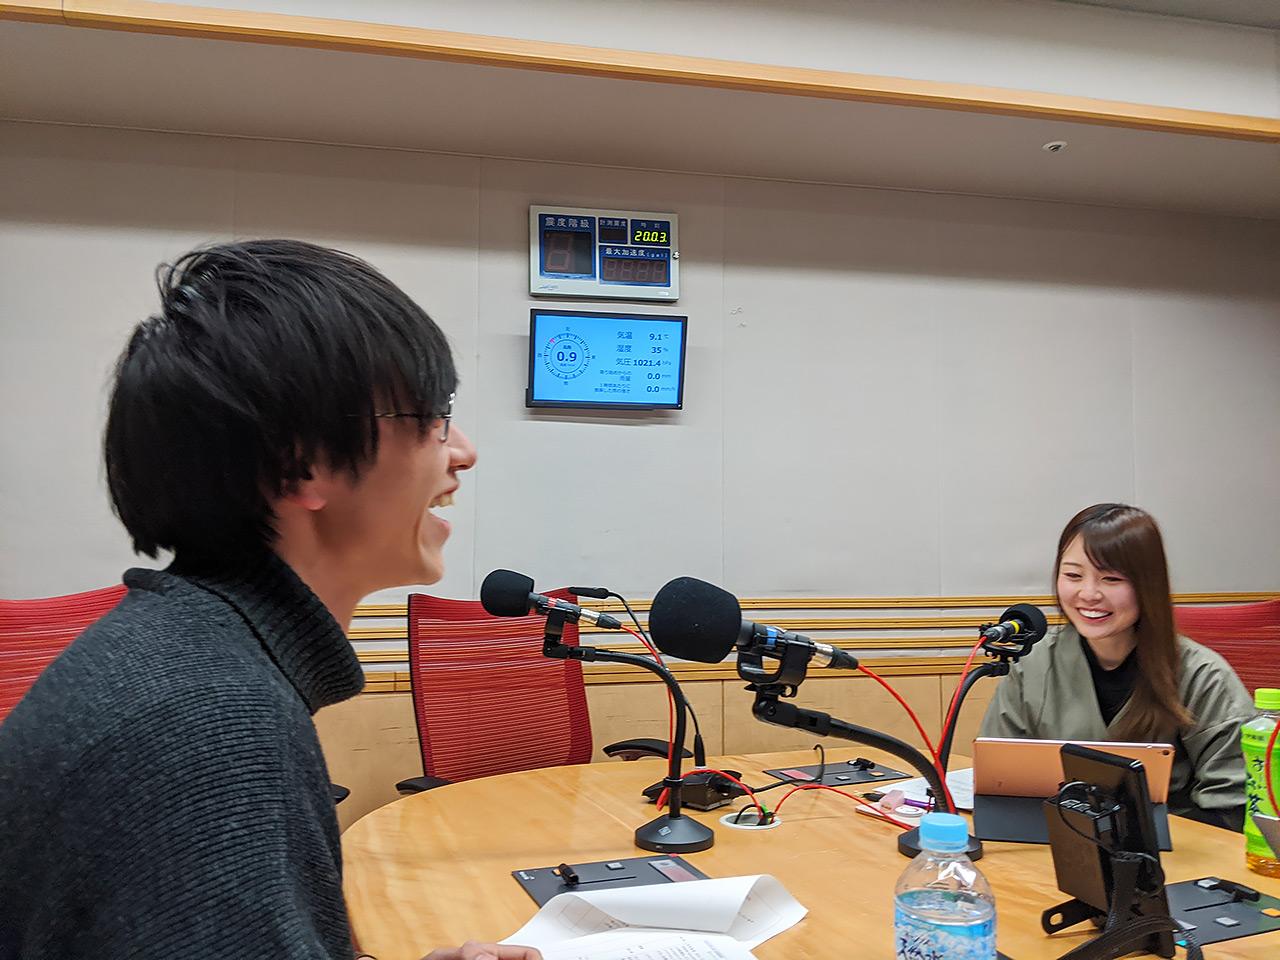 文化放送内のスタジオにて。写真右はアシスタントのたがえみこと田ケ原恵美さん